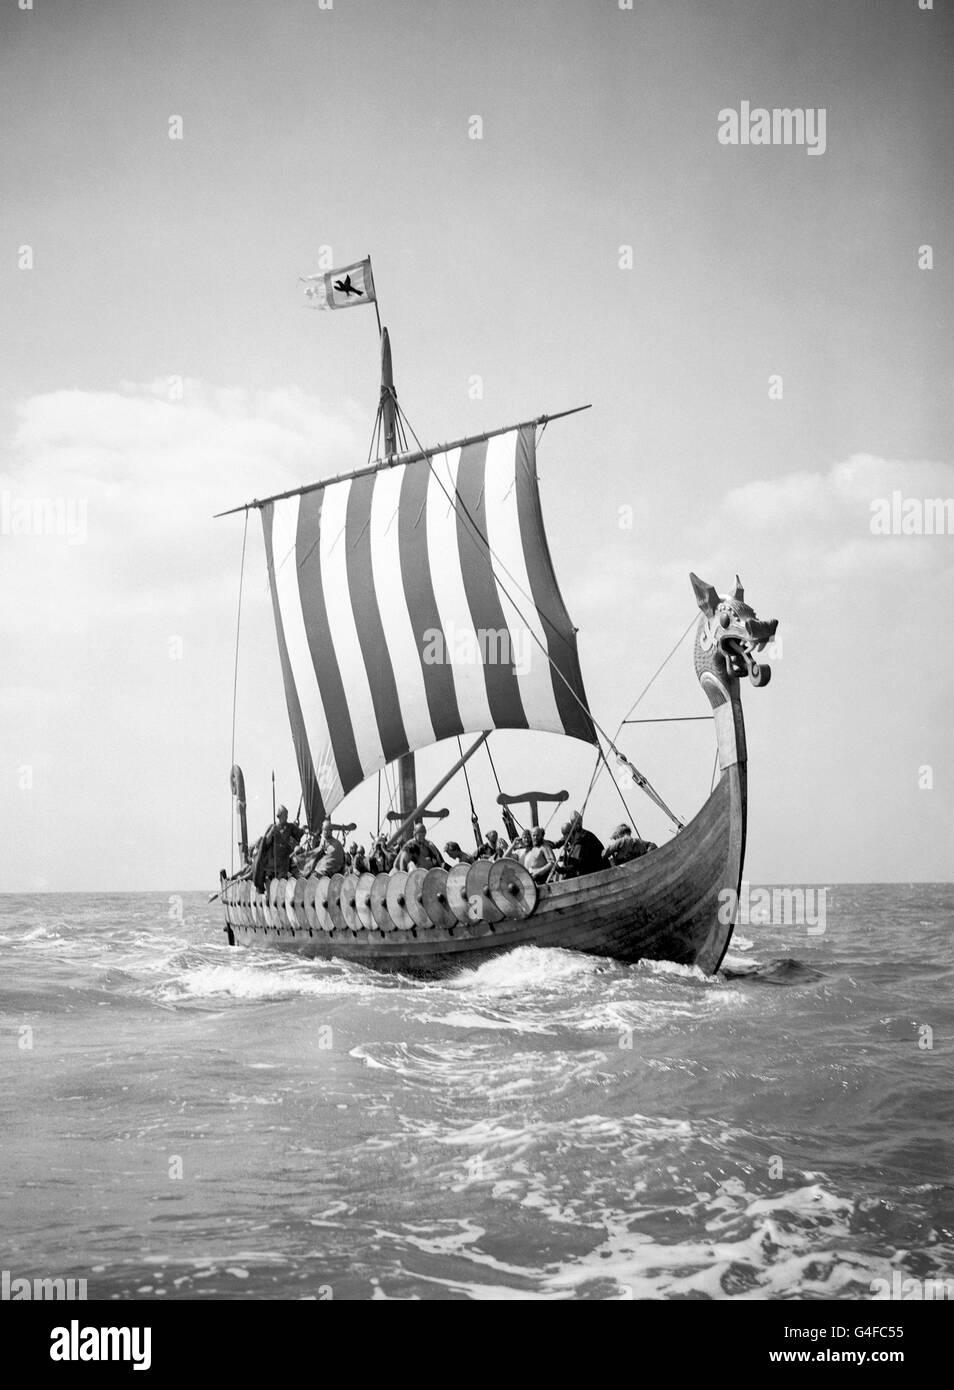 Invasion - Viking Boat 'Hugin' - Kent - Stock Image